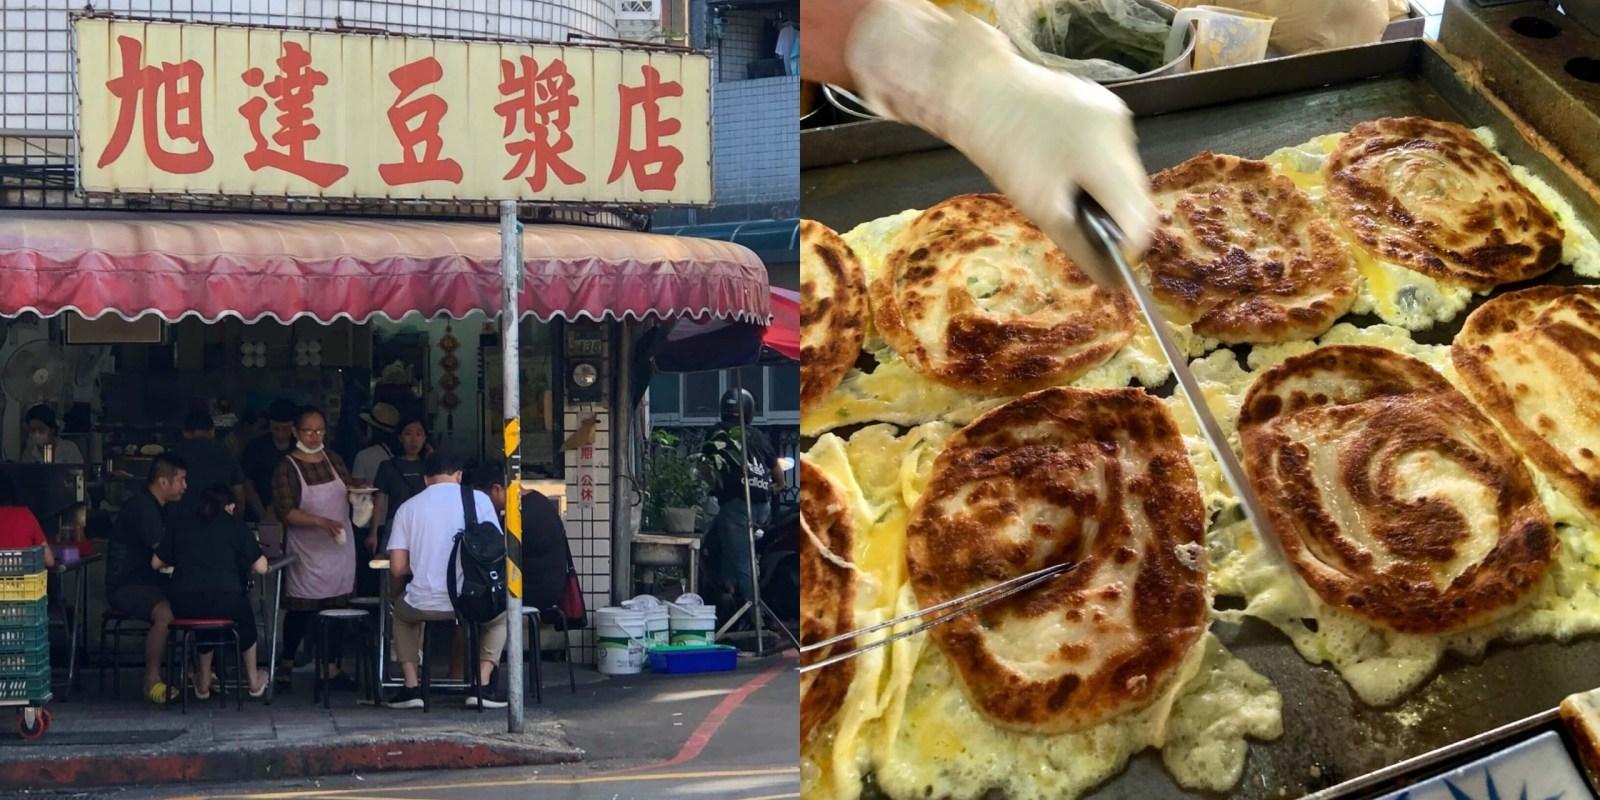 【新店美食】旭達豆漿|在地人推薦最好吃的早餐店,每日新鮮現擀手工麵皮,蛋餅控千萬不能錯過啦!